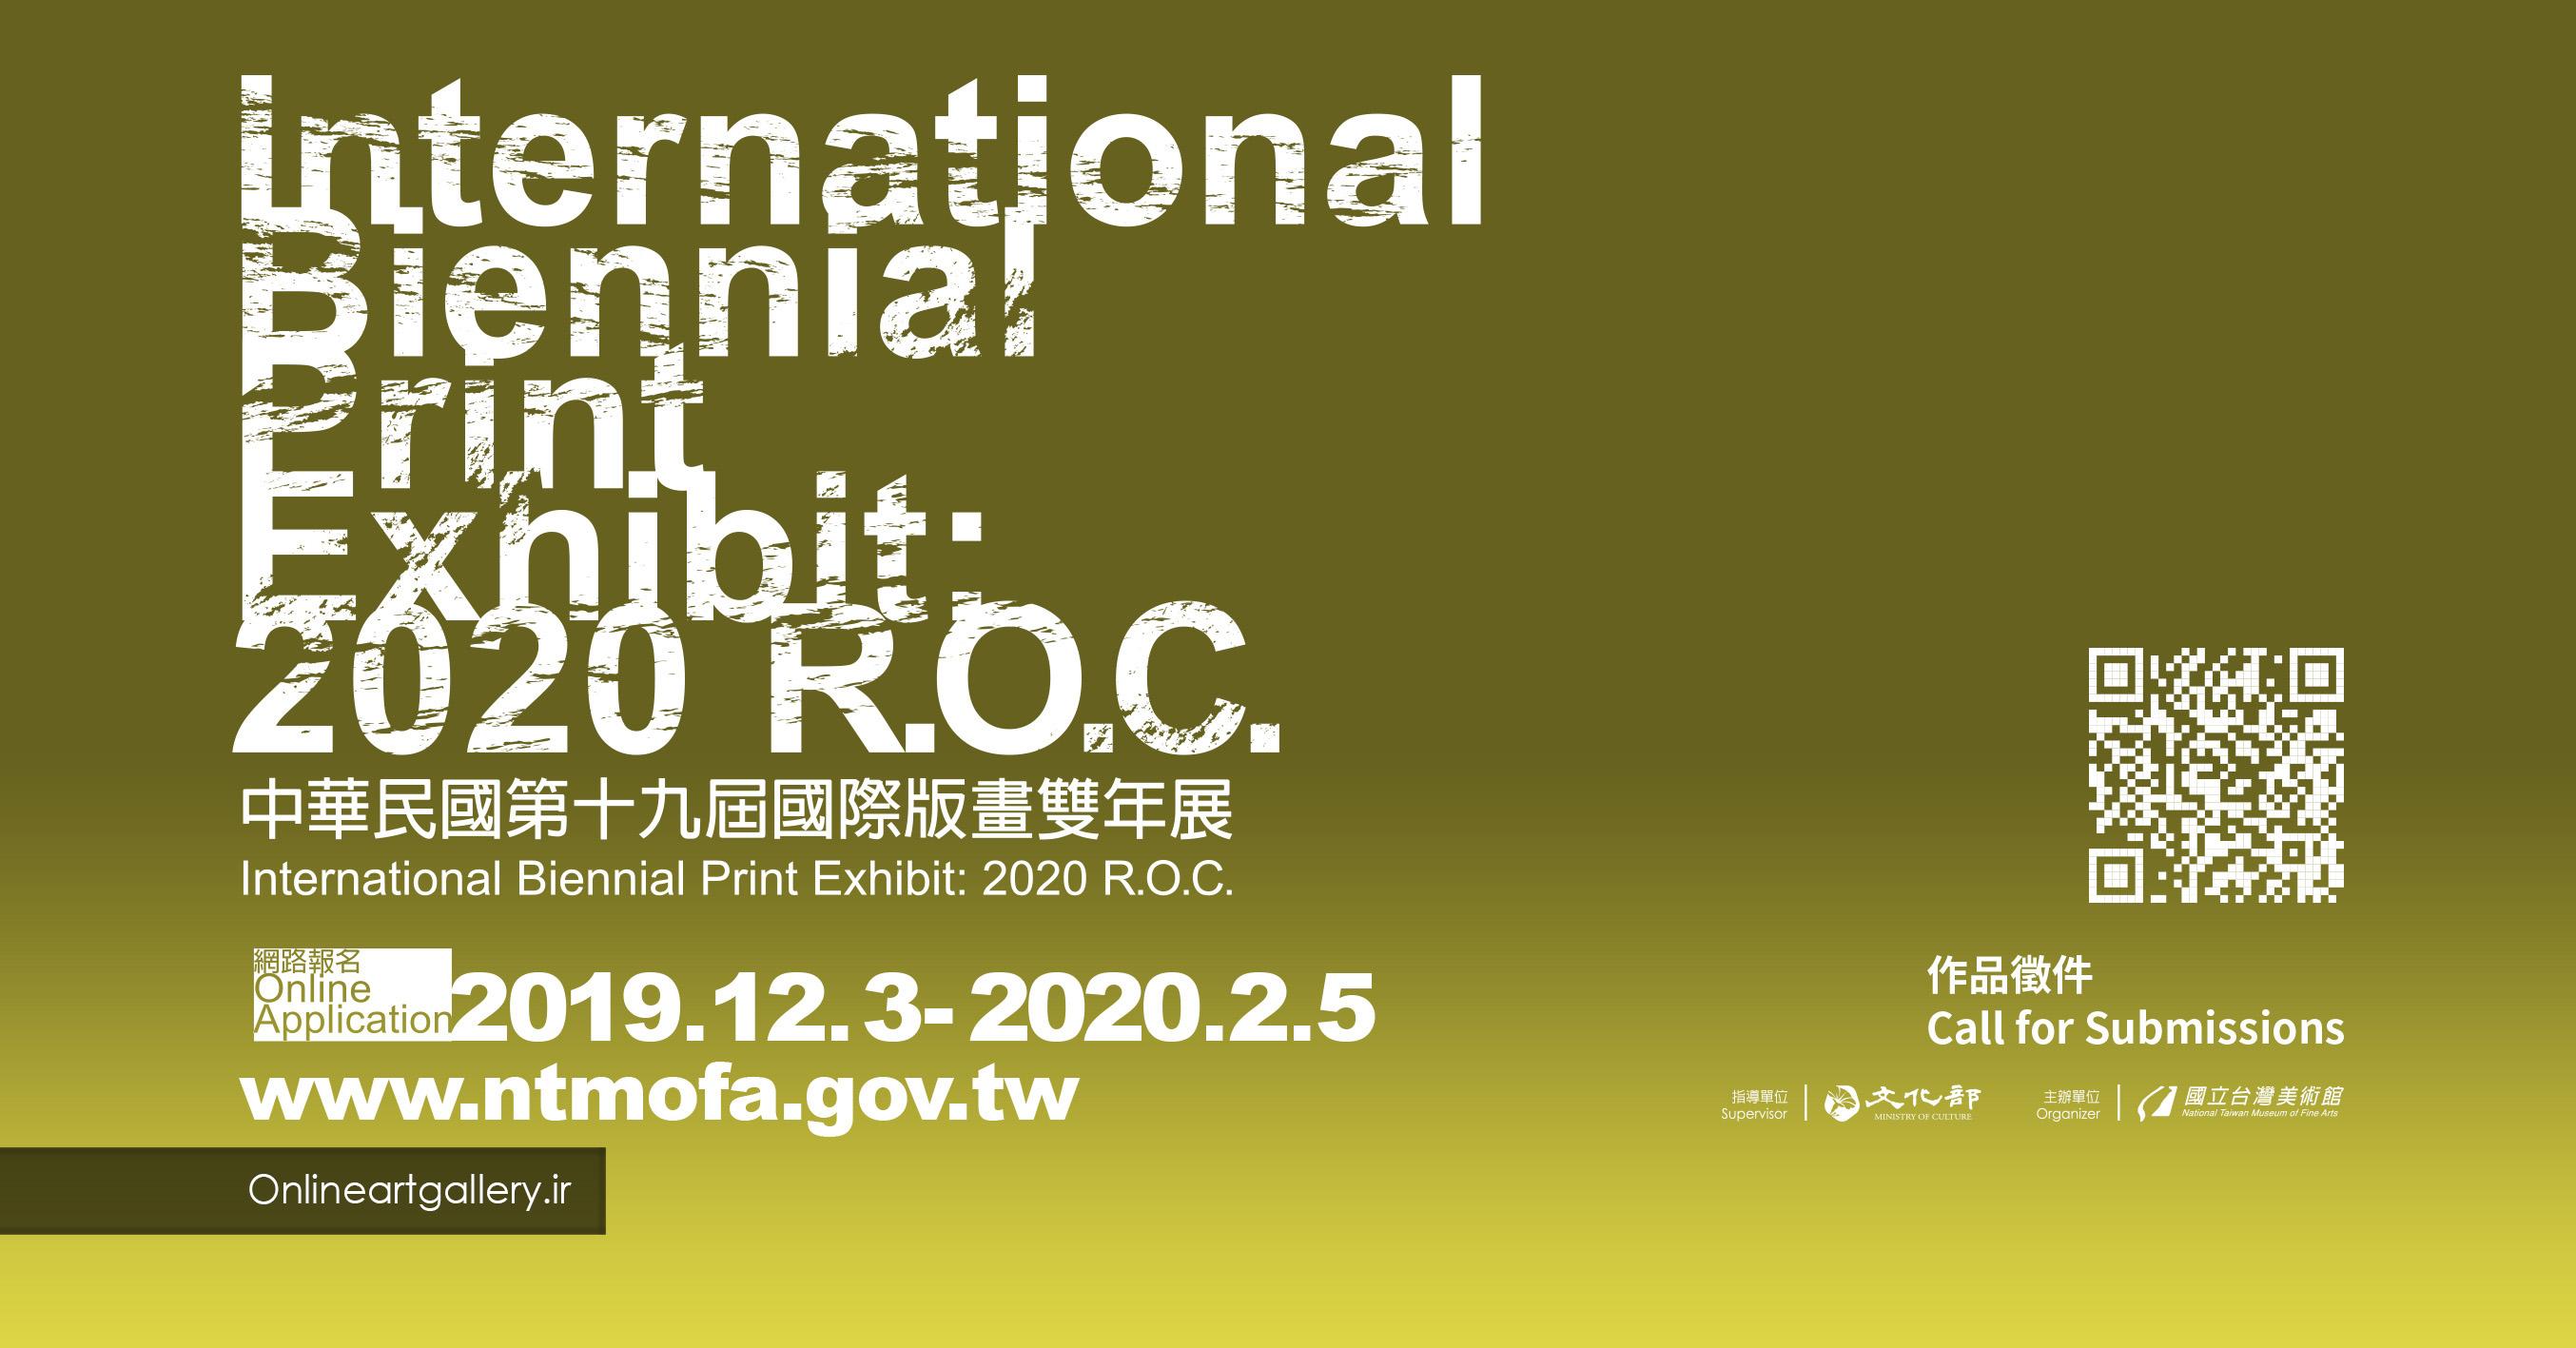 فراخوان نمایشگاه بین المللی چاپ دوسالانه: 2020 R.O.C.